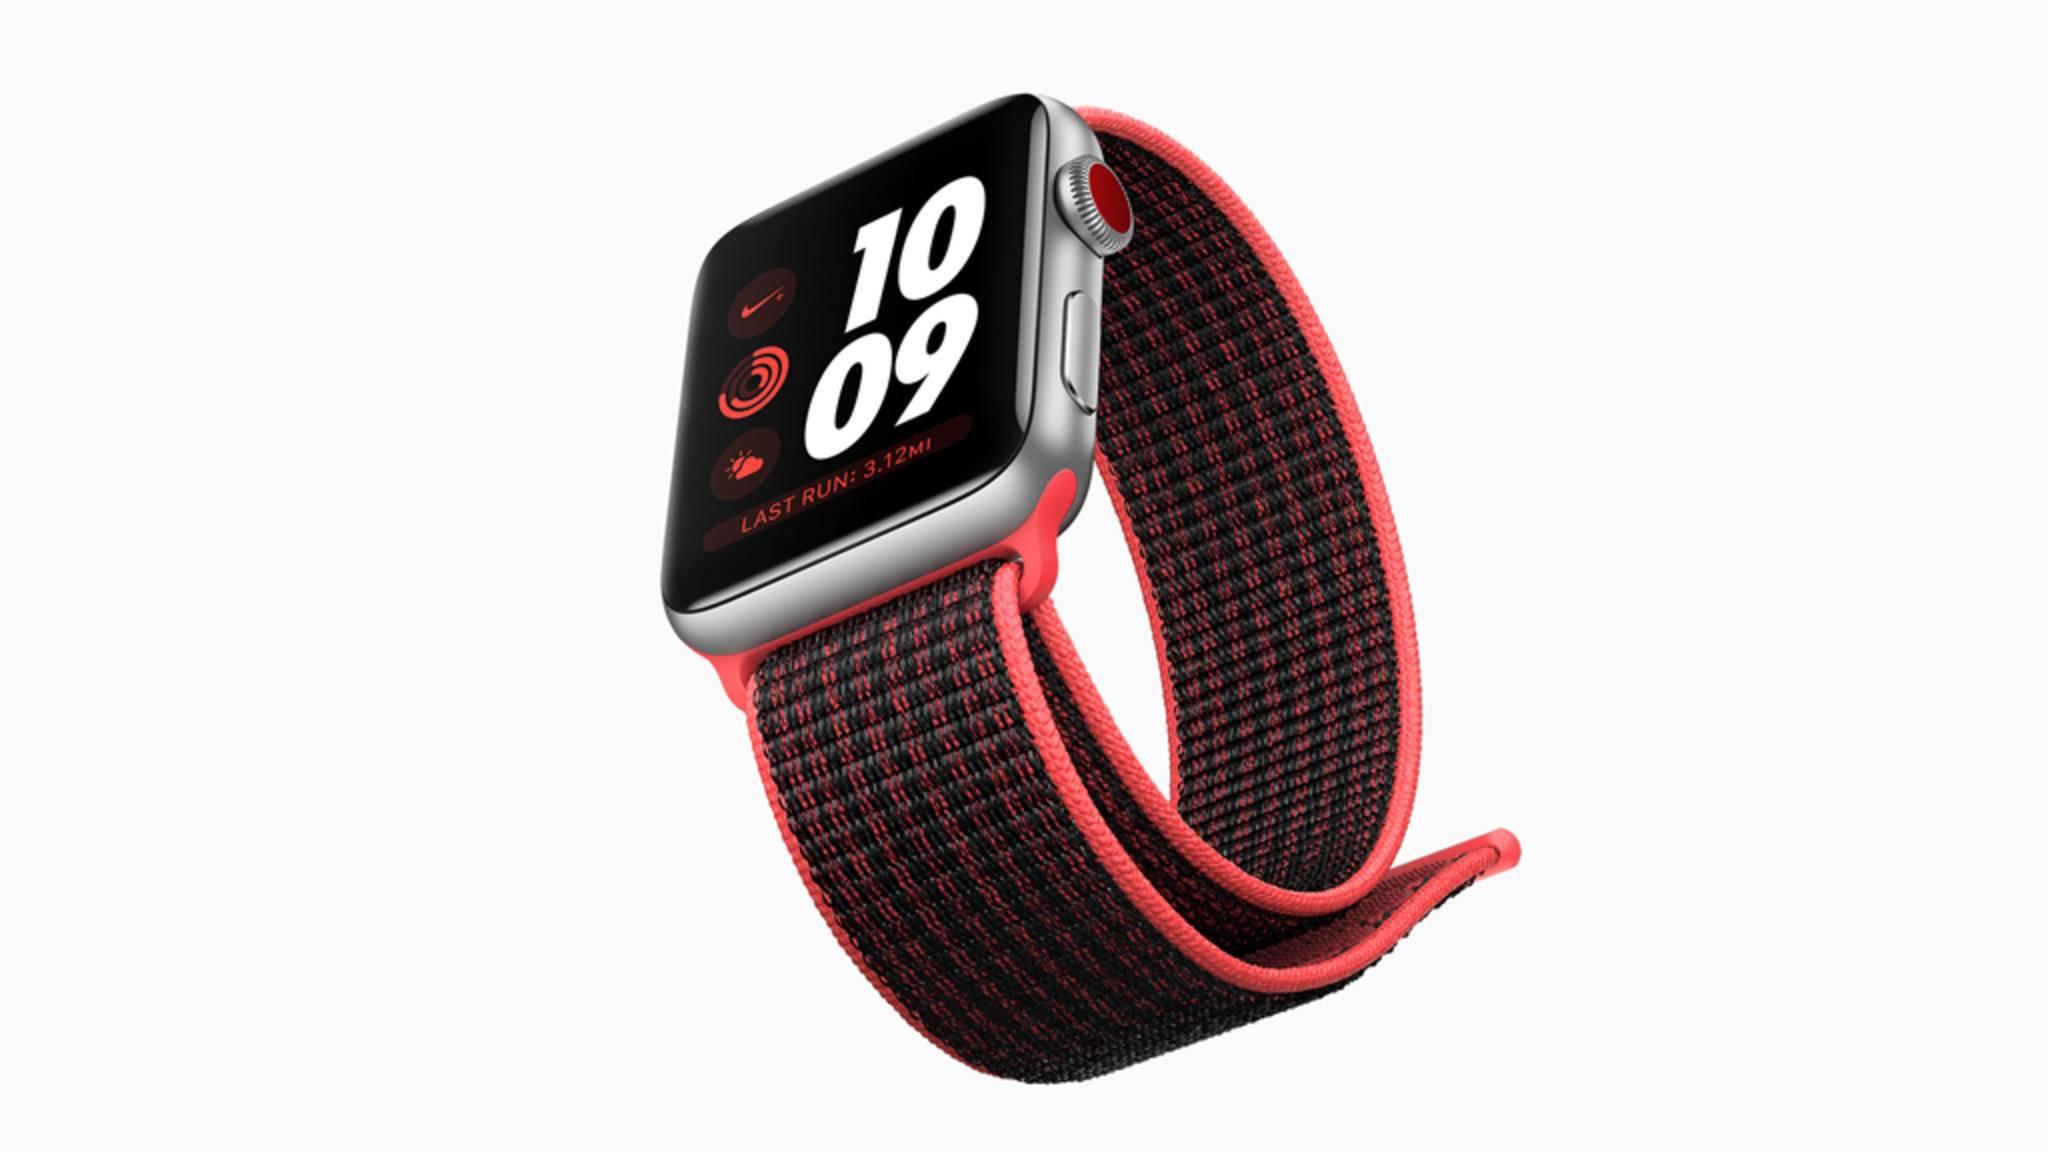 Die Apple Watch ist schon längst kein reines, stylishes Wearable mehr. Der Gesundheitsaspekt wird immer wichtiger.